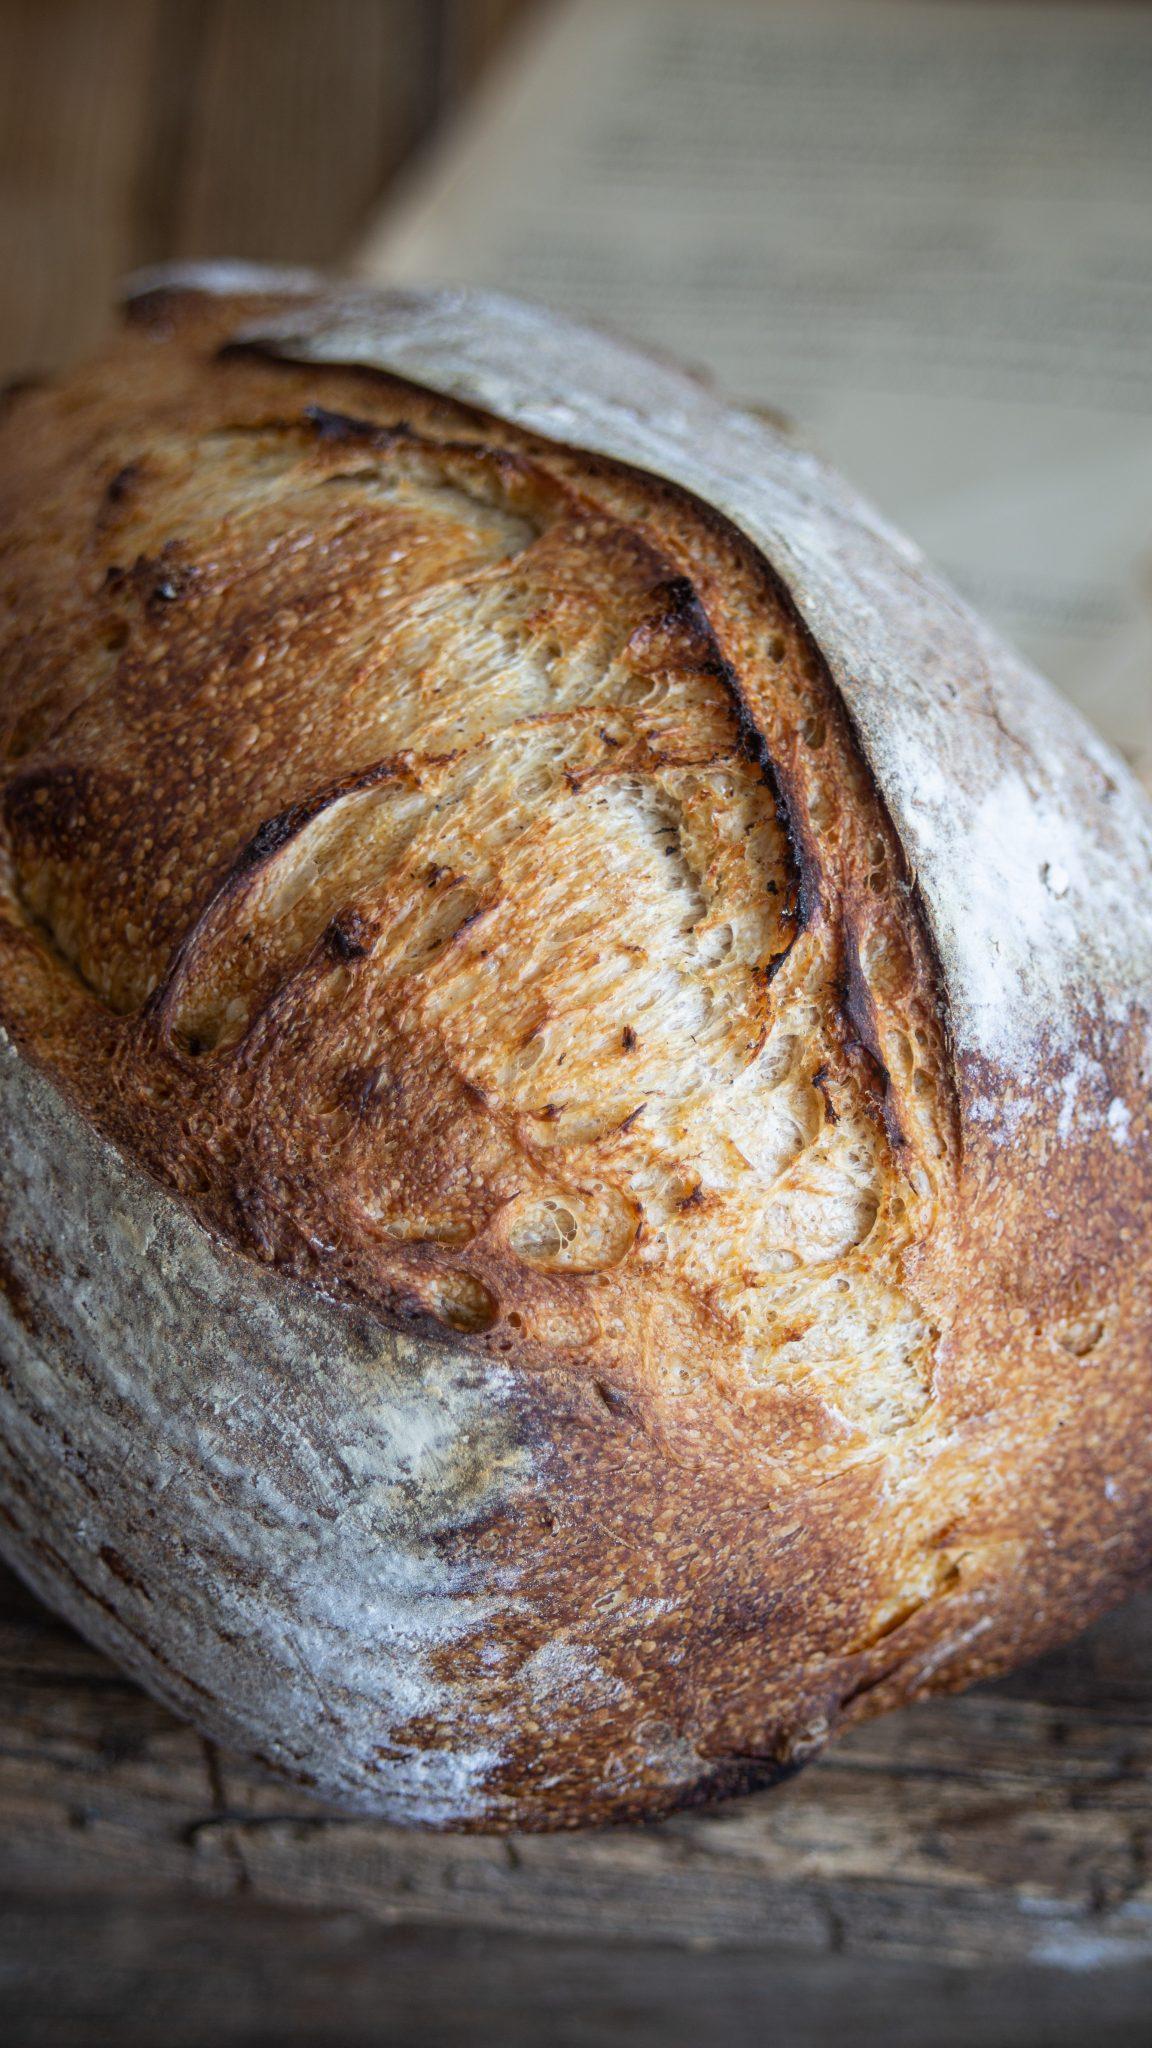 Bochník kváskového chlebu